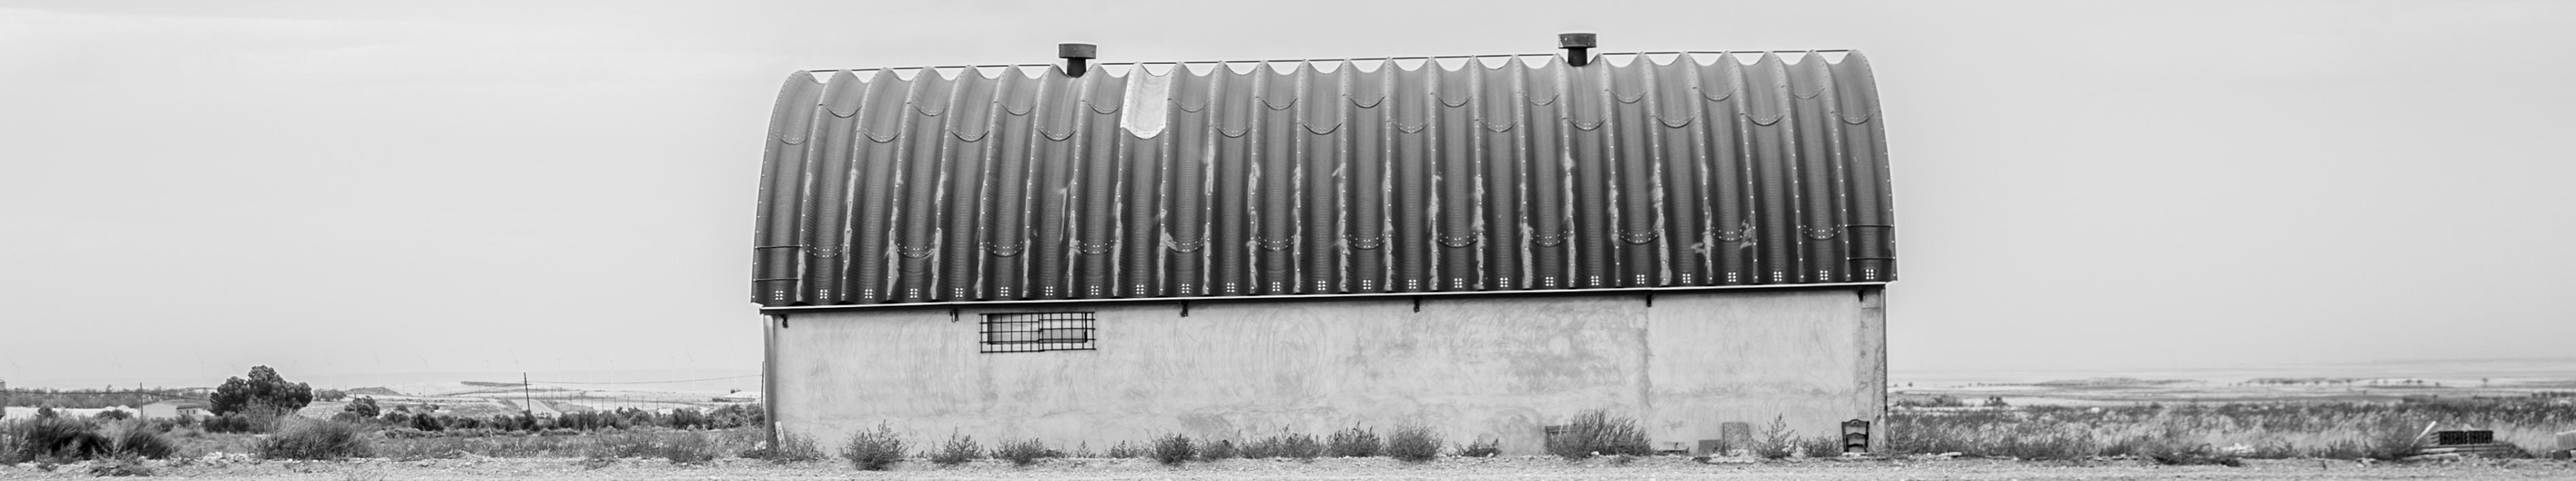 Emotional urban landscape 3 | Fotografía de Susana Sancho | Compra arte en Flecha.es